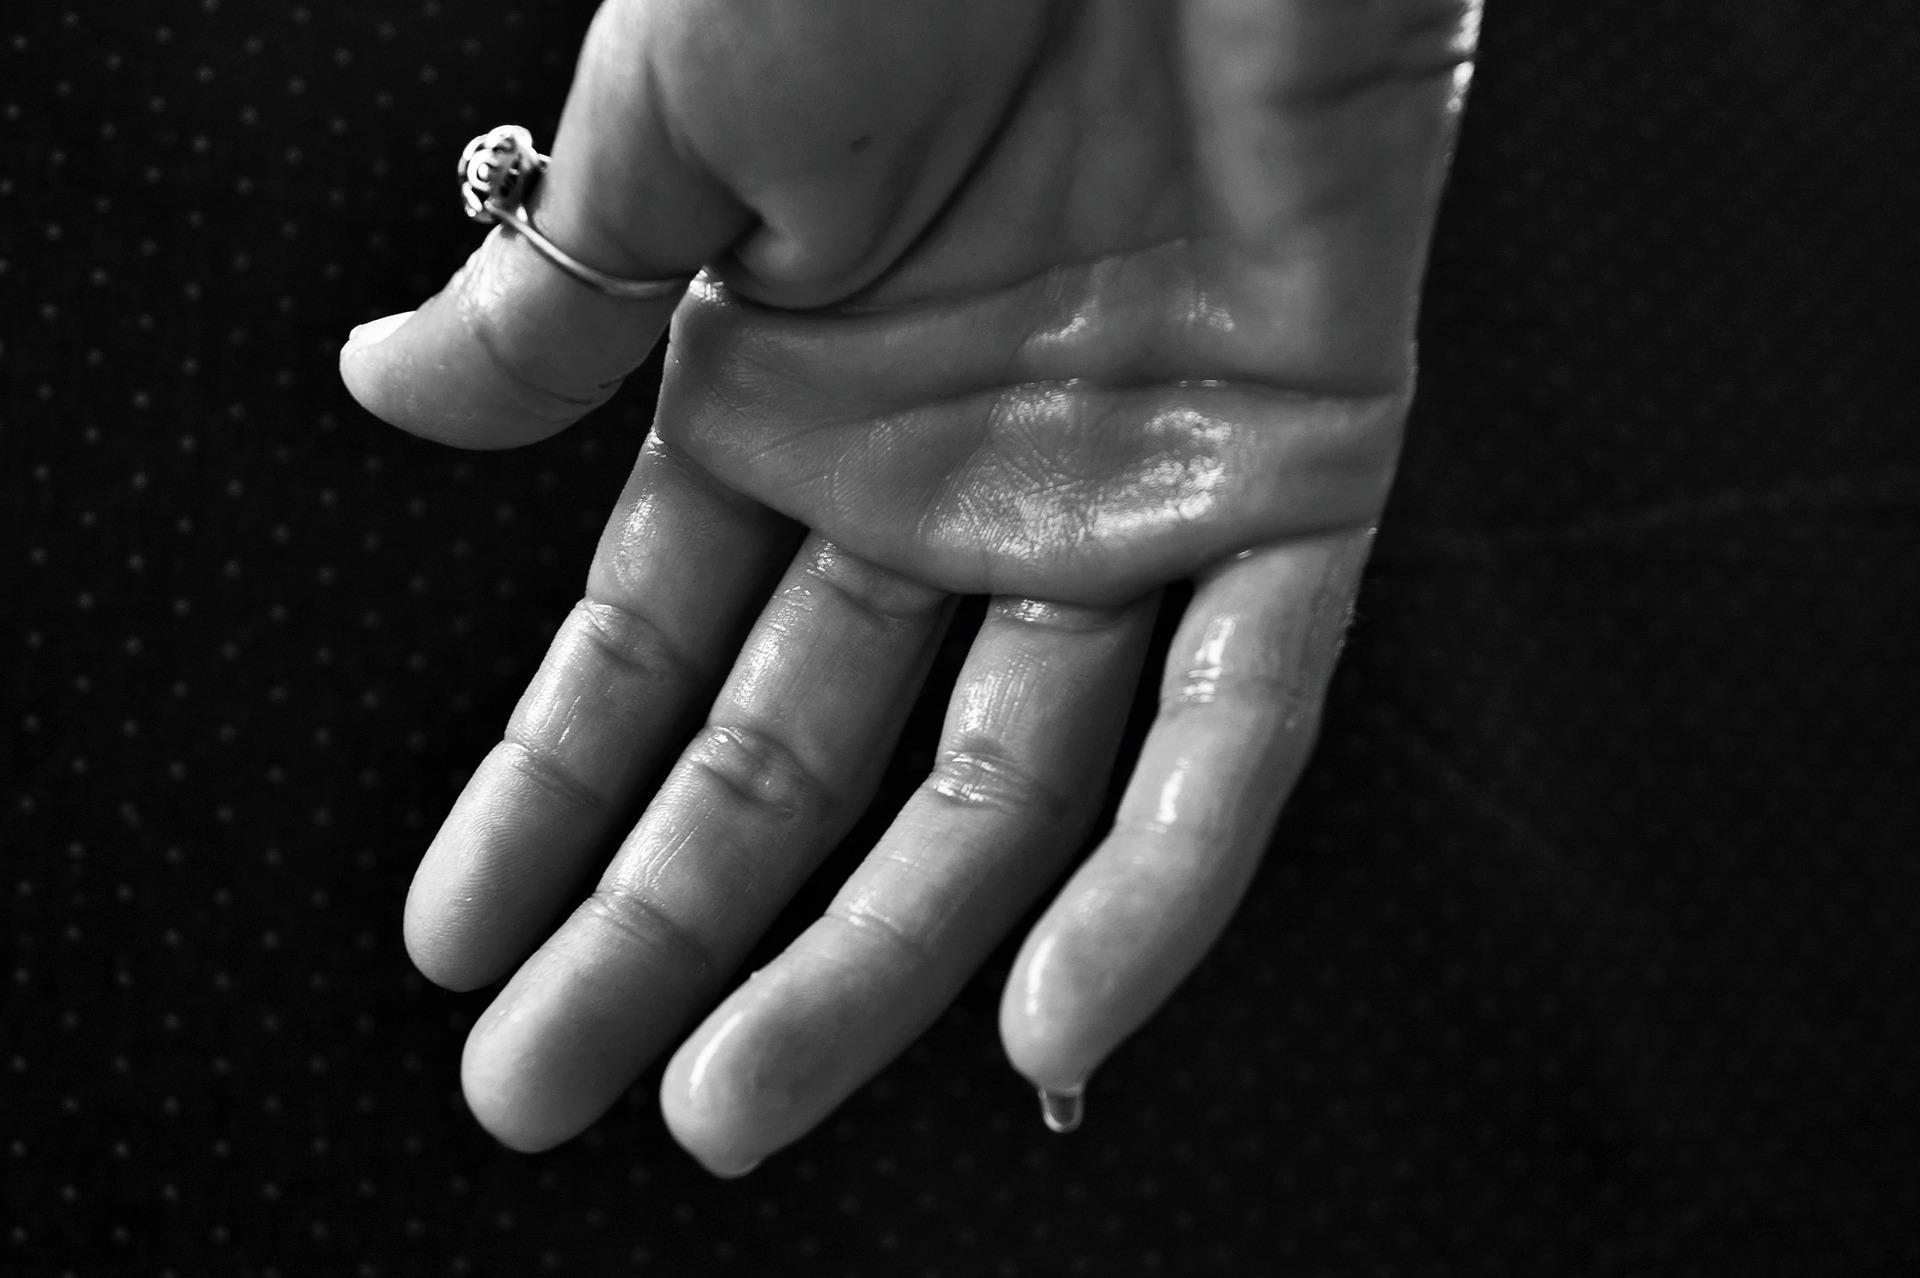 sudoración excesiva en las manos